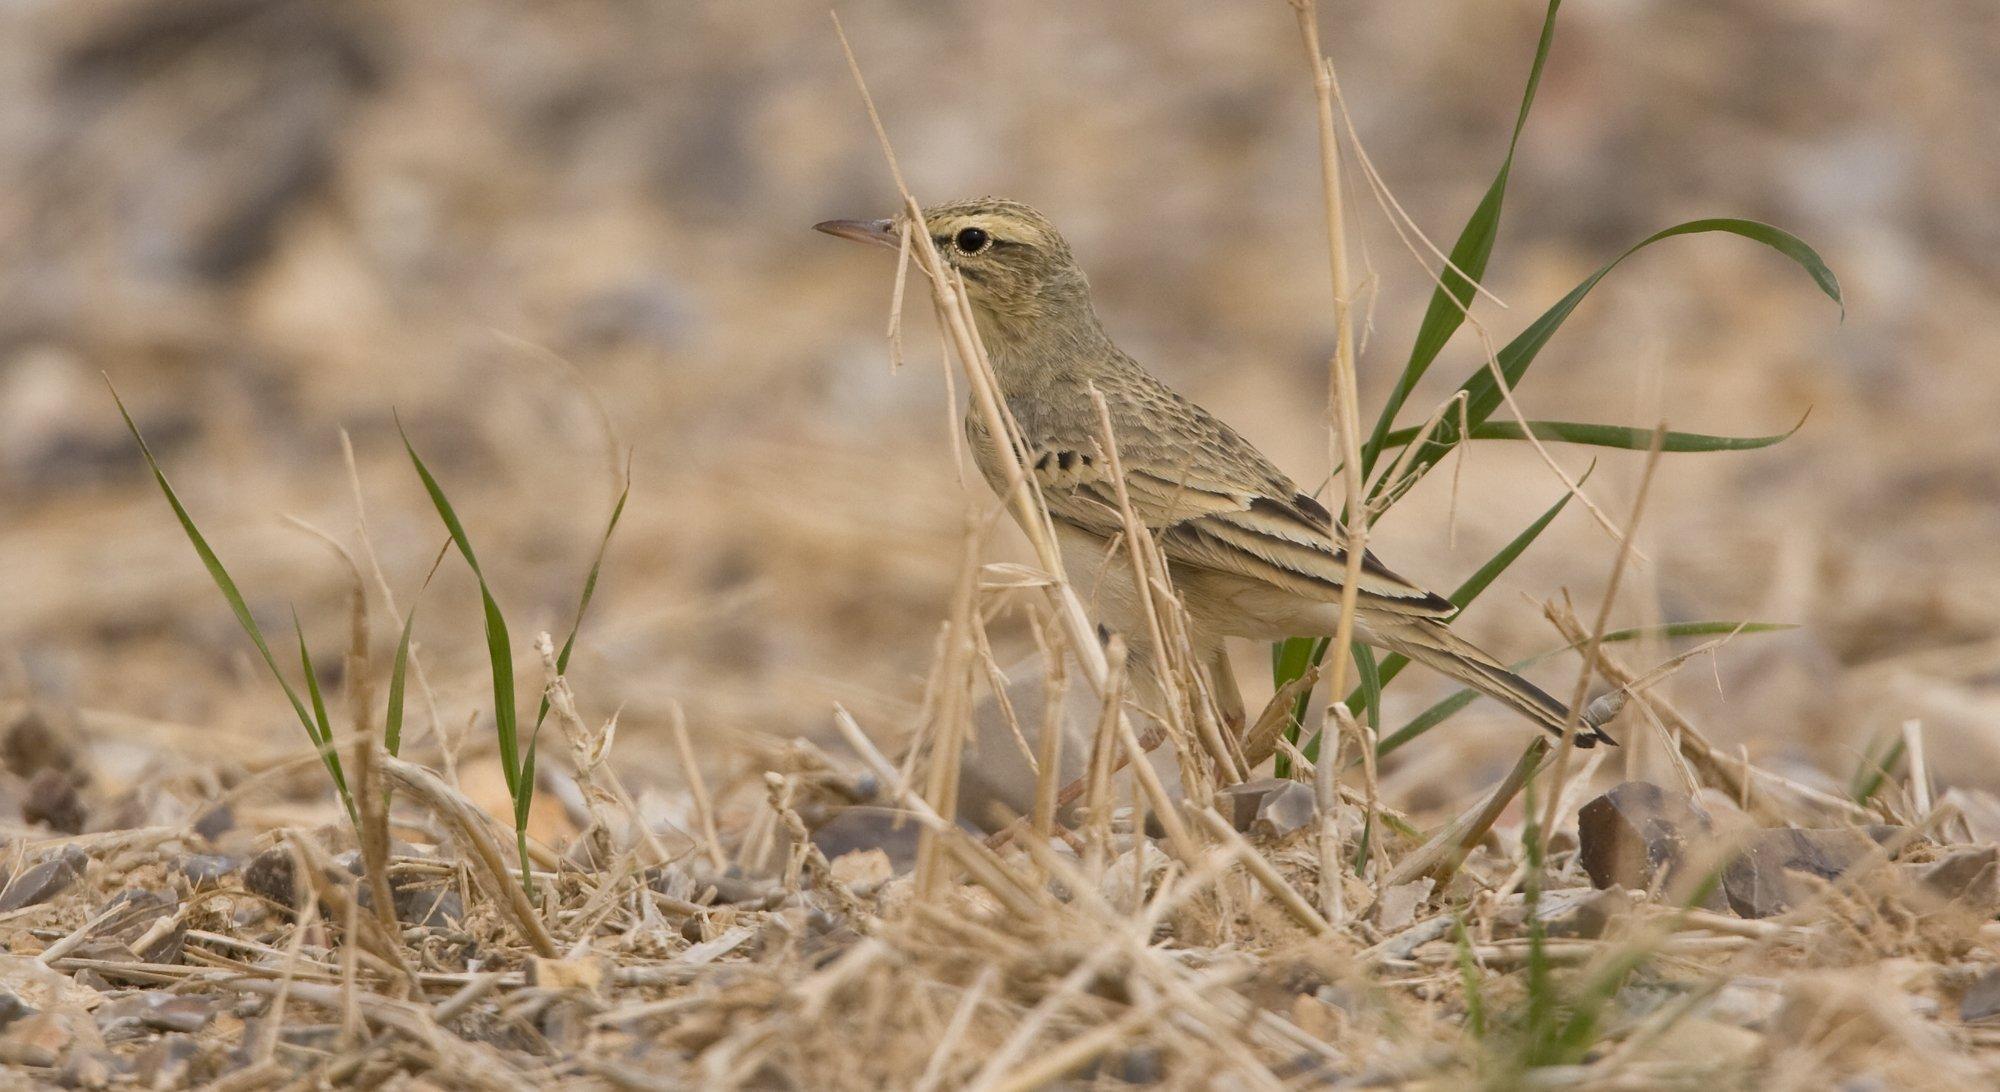 Ein kleiner brauner Vogel sitzt im trockenen Gras auf einer Wiese